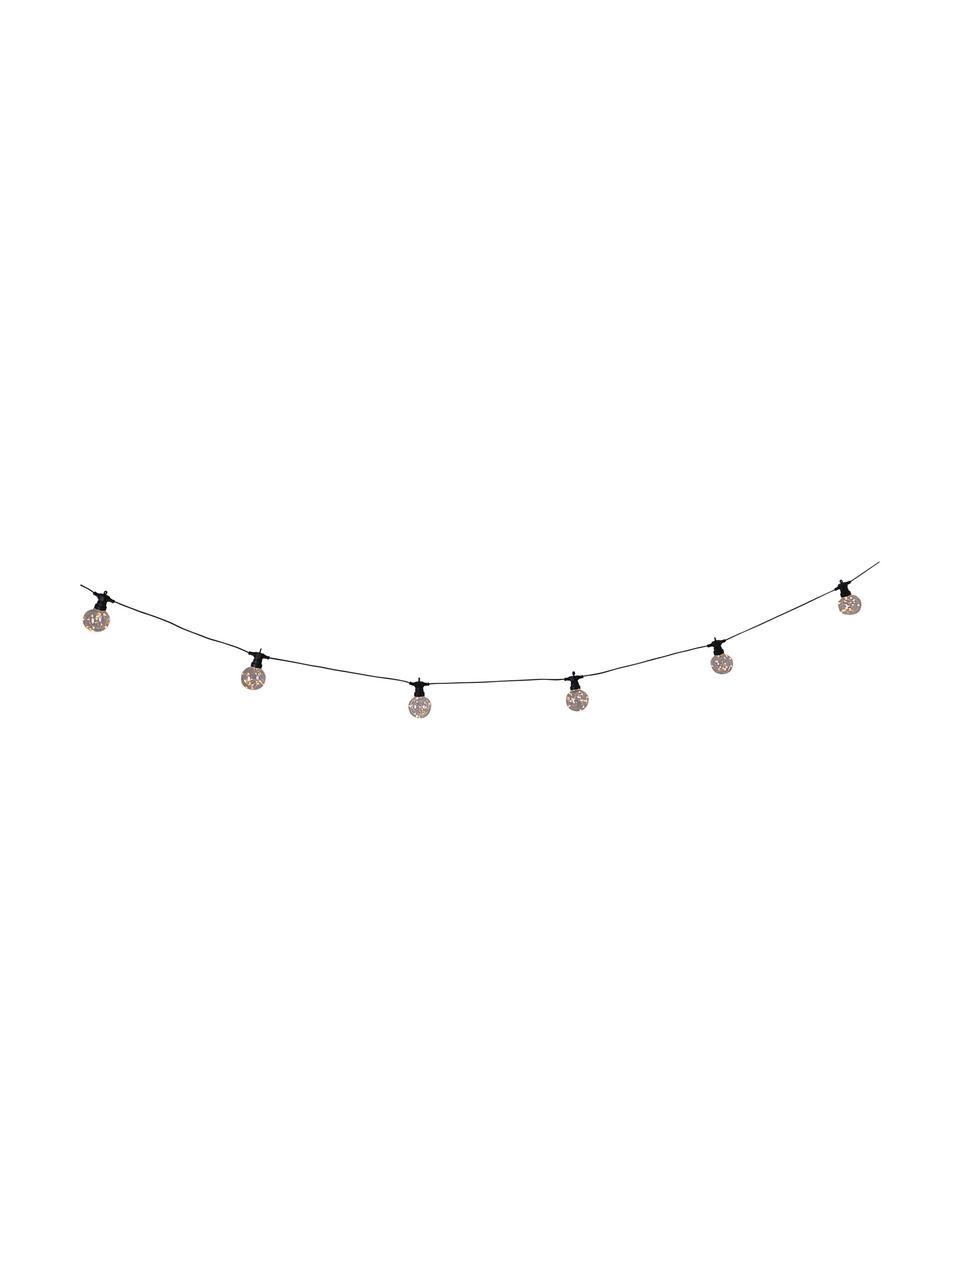 LED-Lichterkette Crackle Chain, 750 cm, Kunststoff, Transparent, L 750 cm